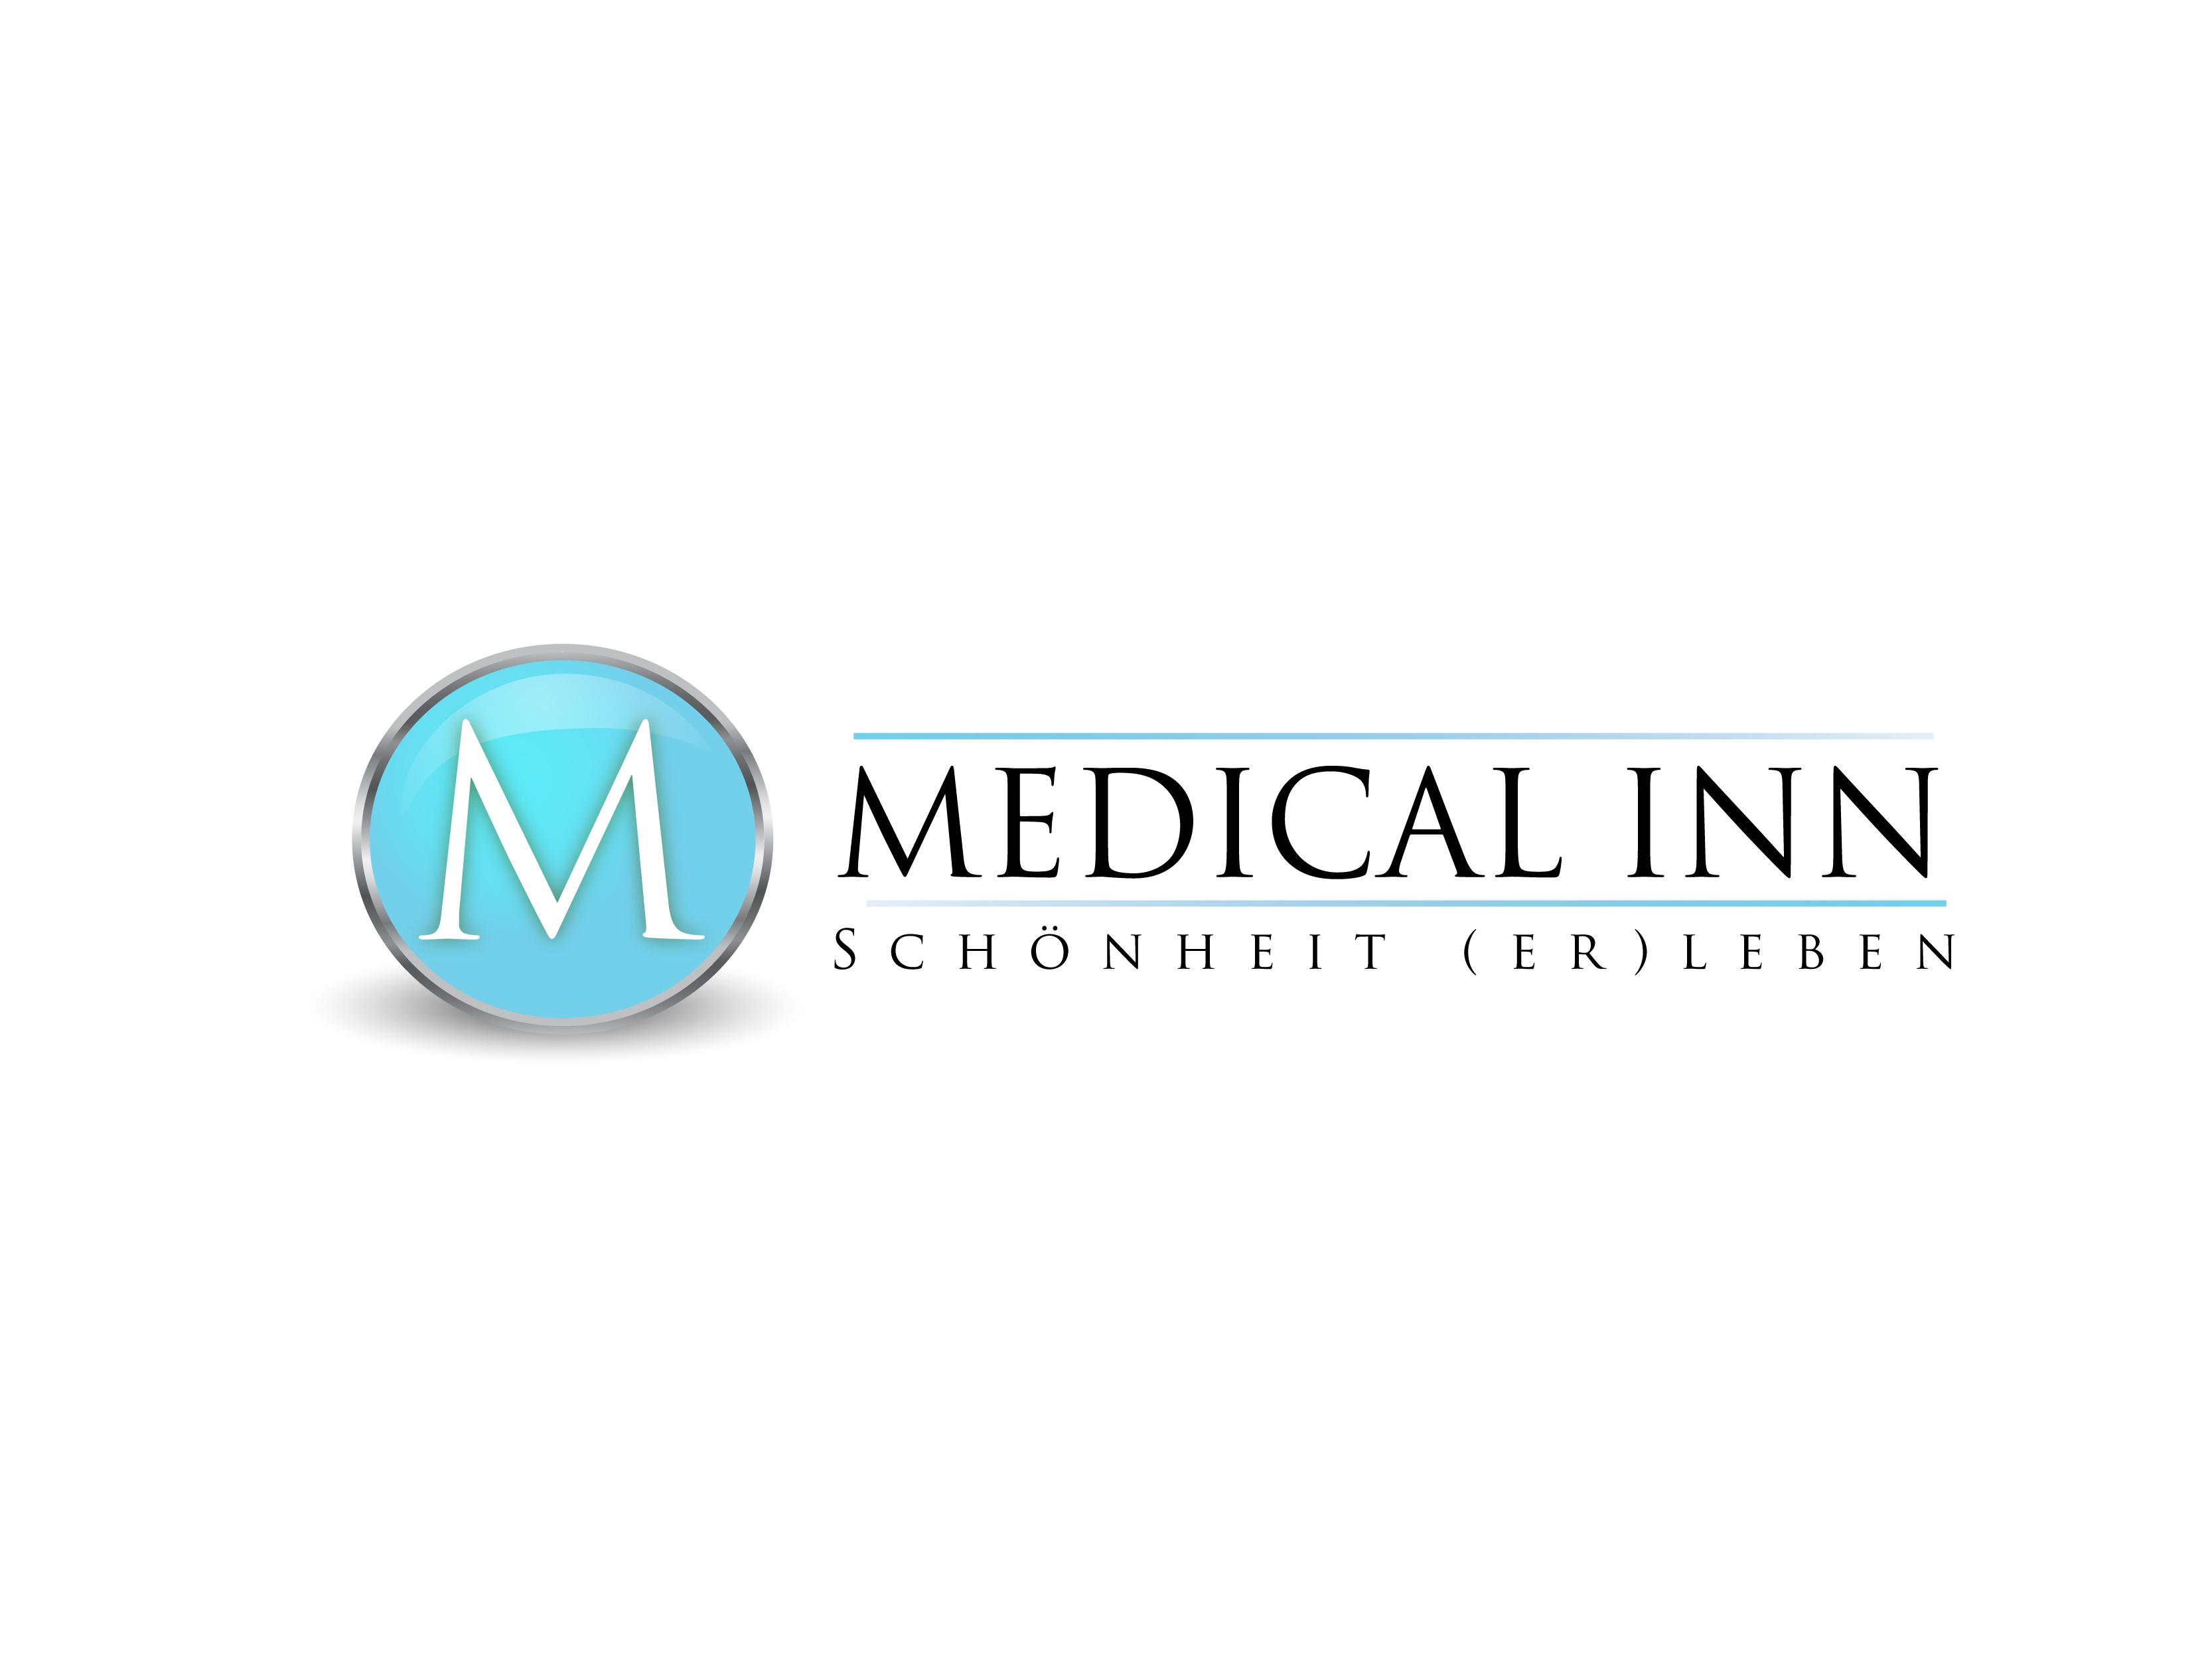 Medical Inn